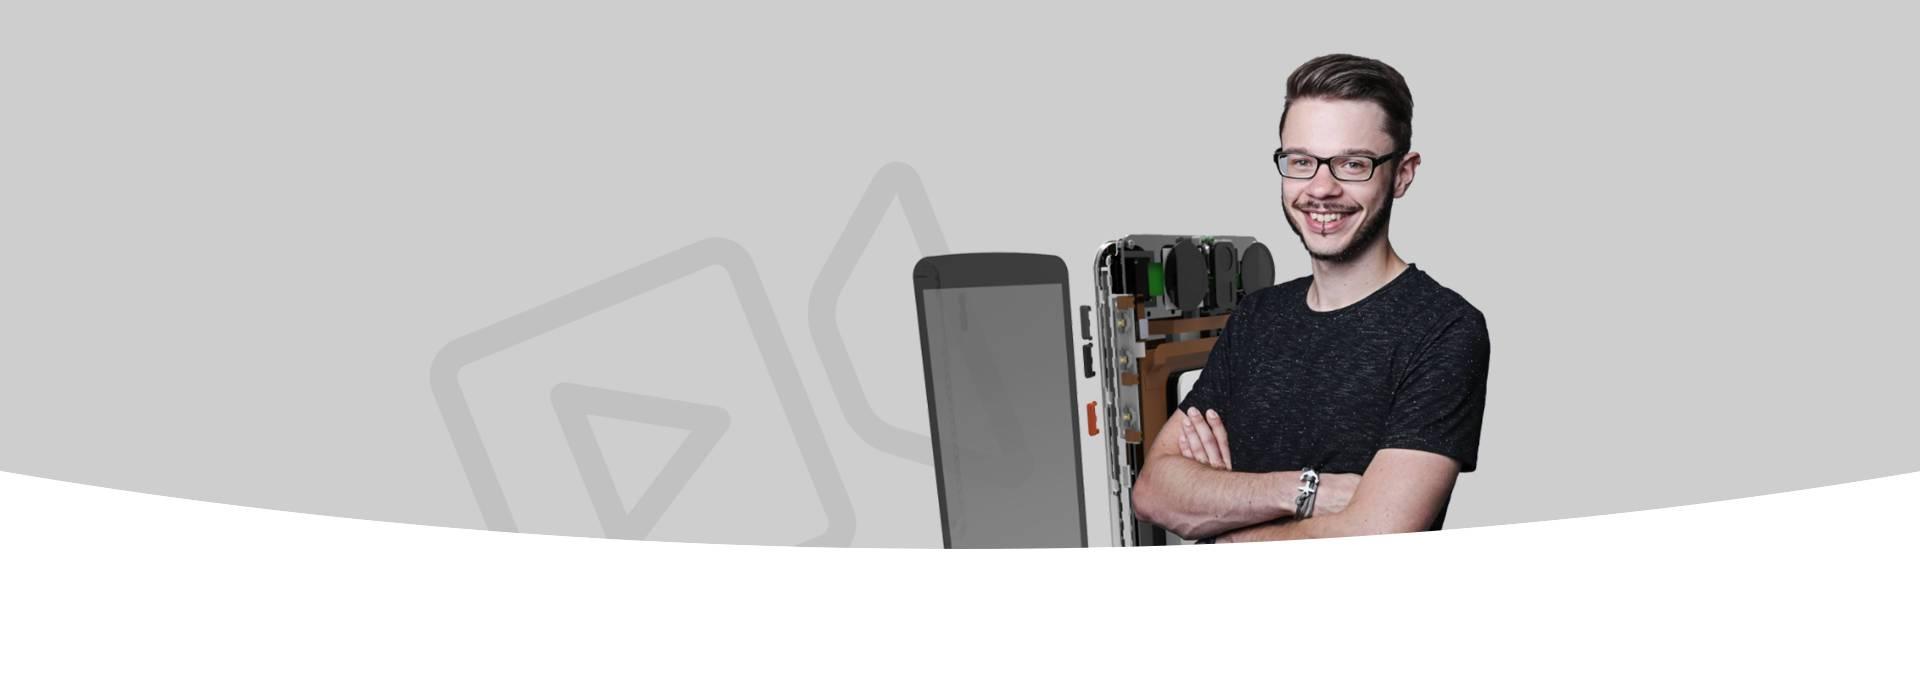 Vorder- und Rückansicht des 3 d Scanners. Im Hintergrund das Logo von Scoobe 3d.